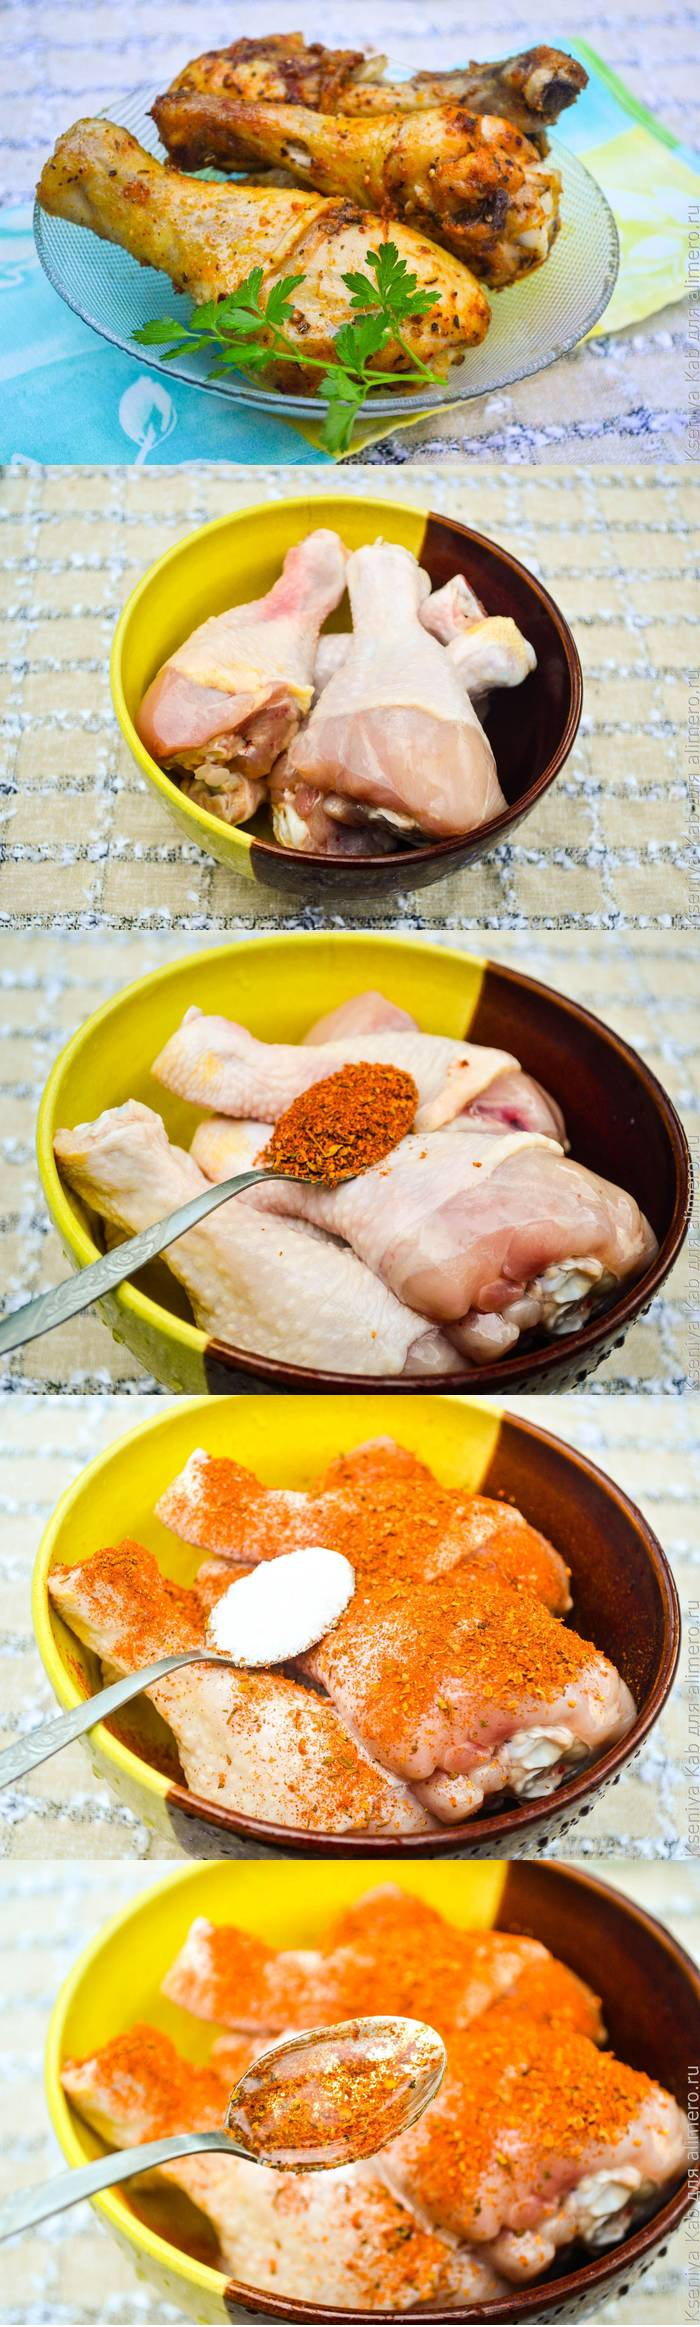 Курица в микроволновке - простой рецепт